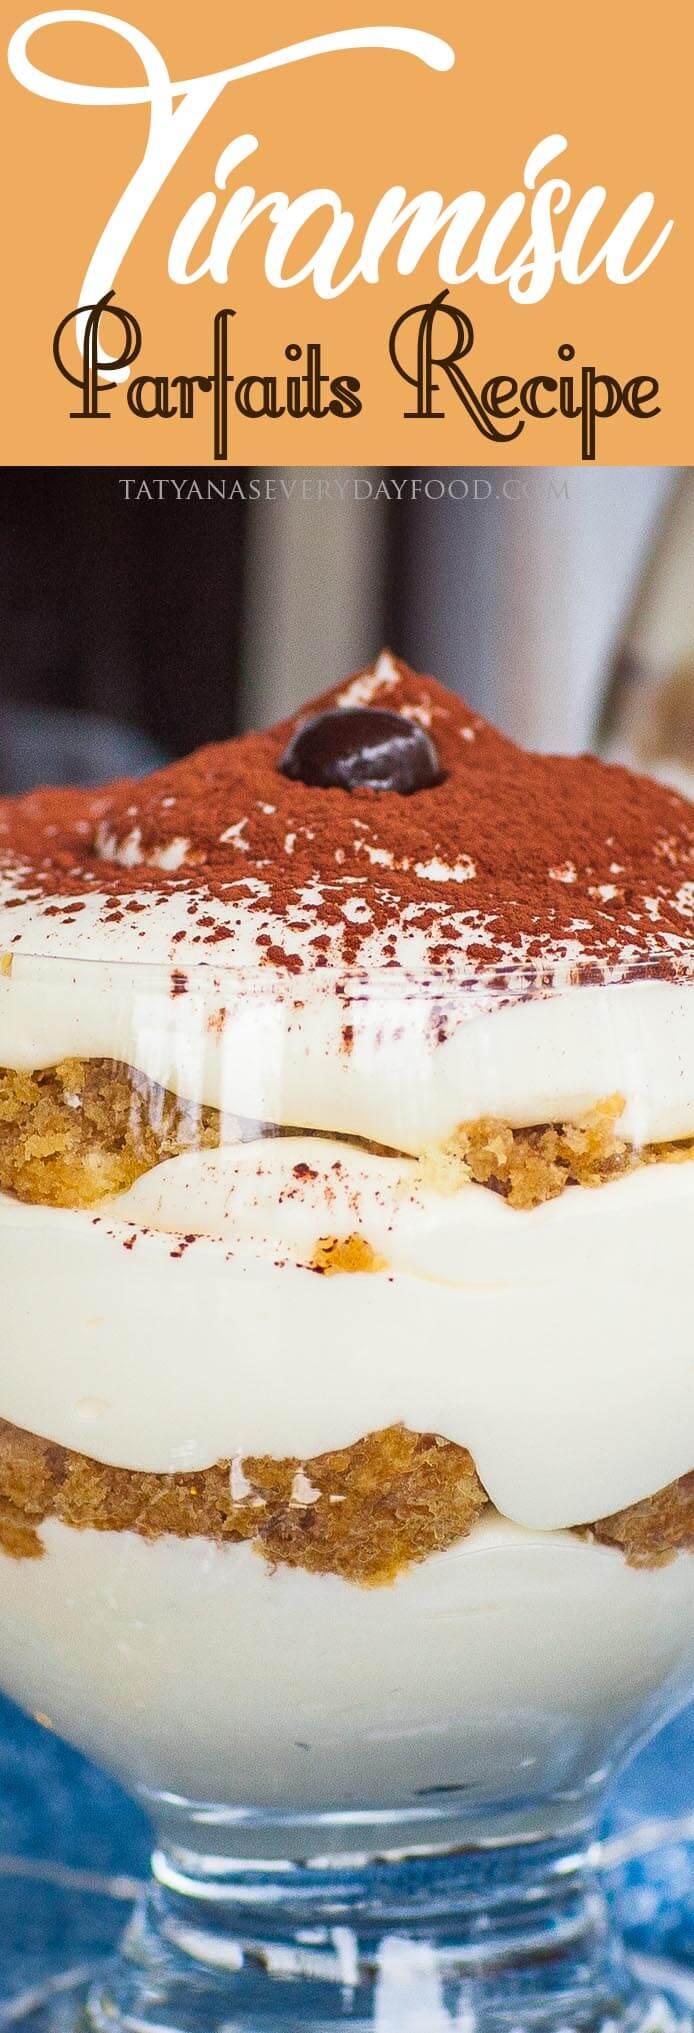 Easy Tiramisu Parfaits Recipe with video